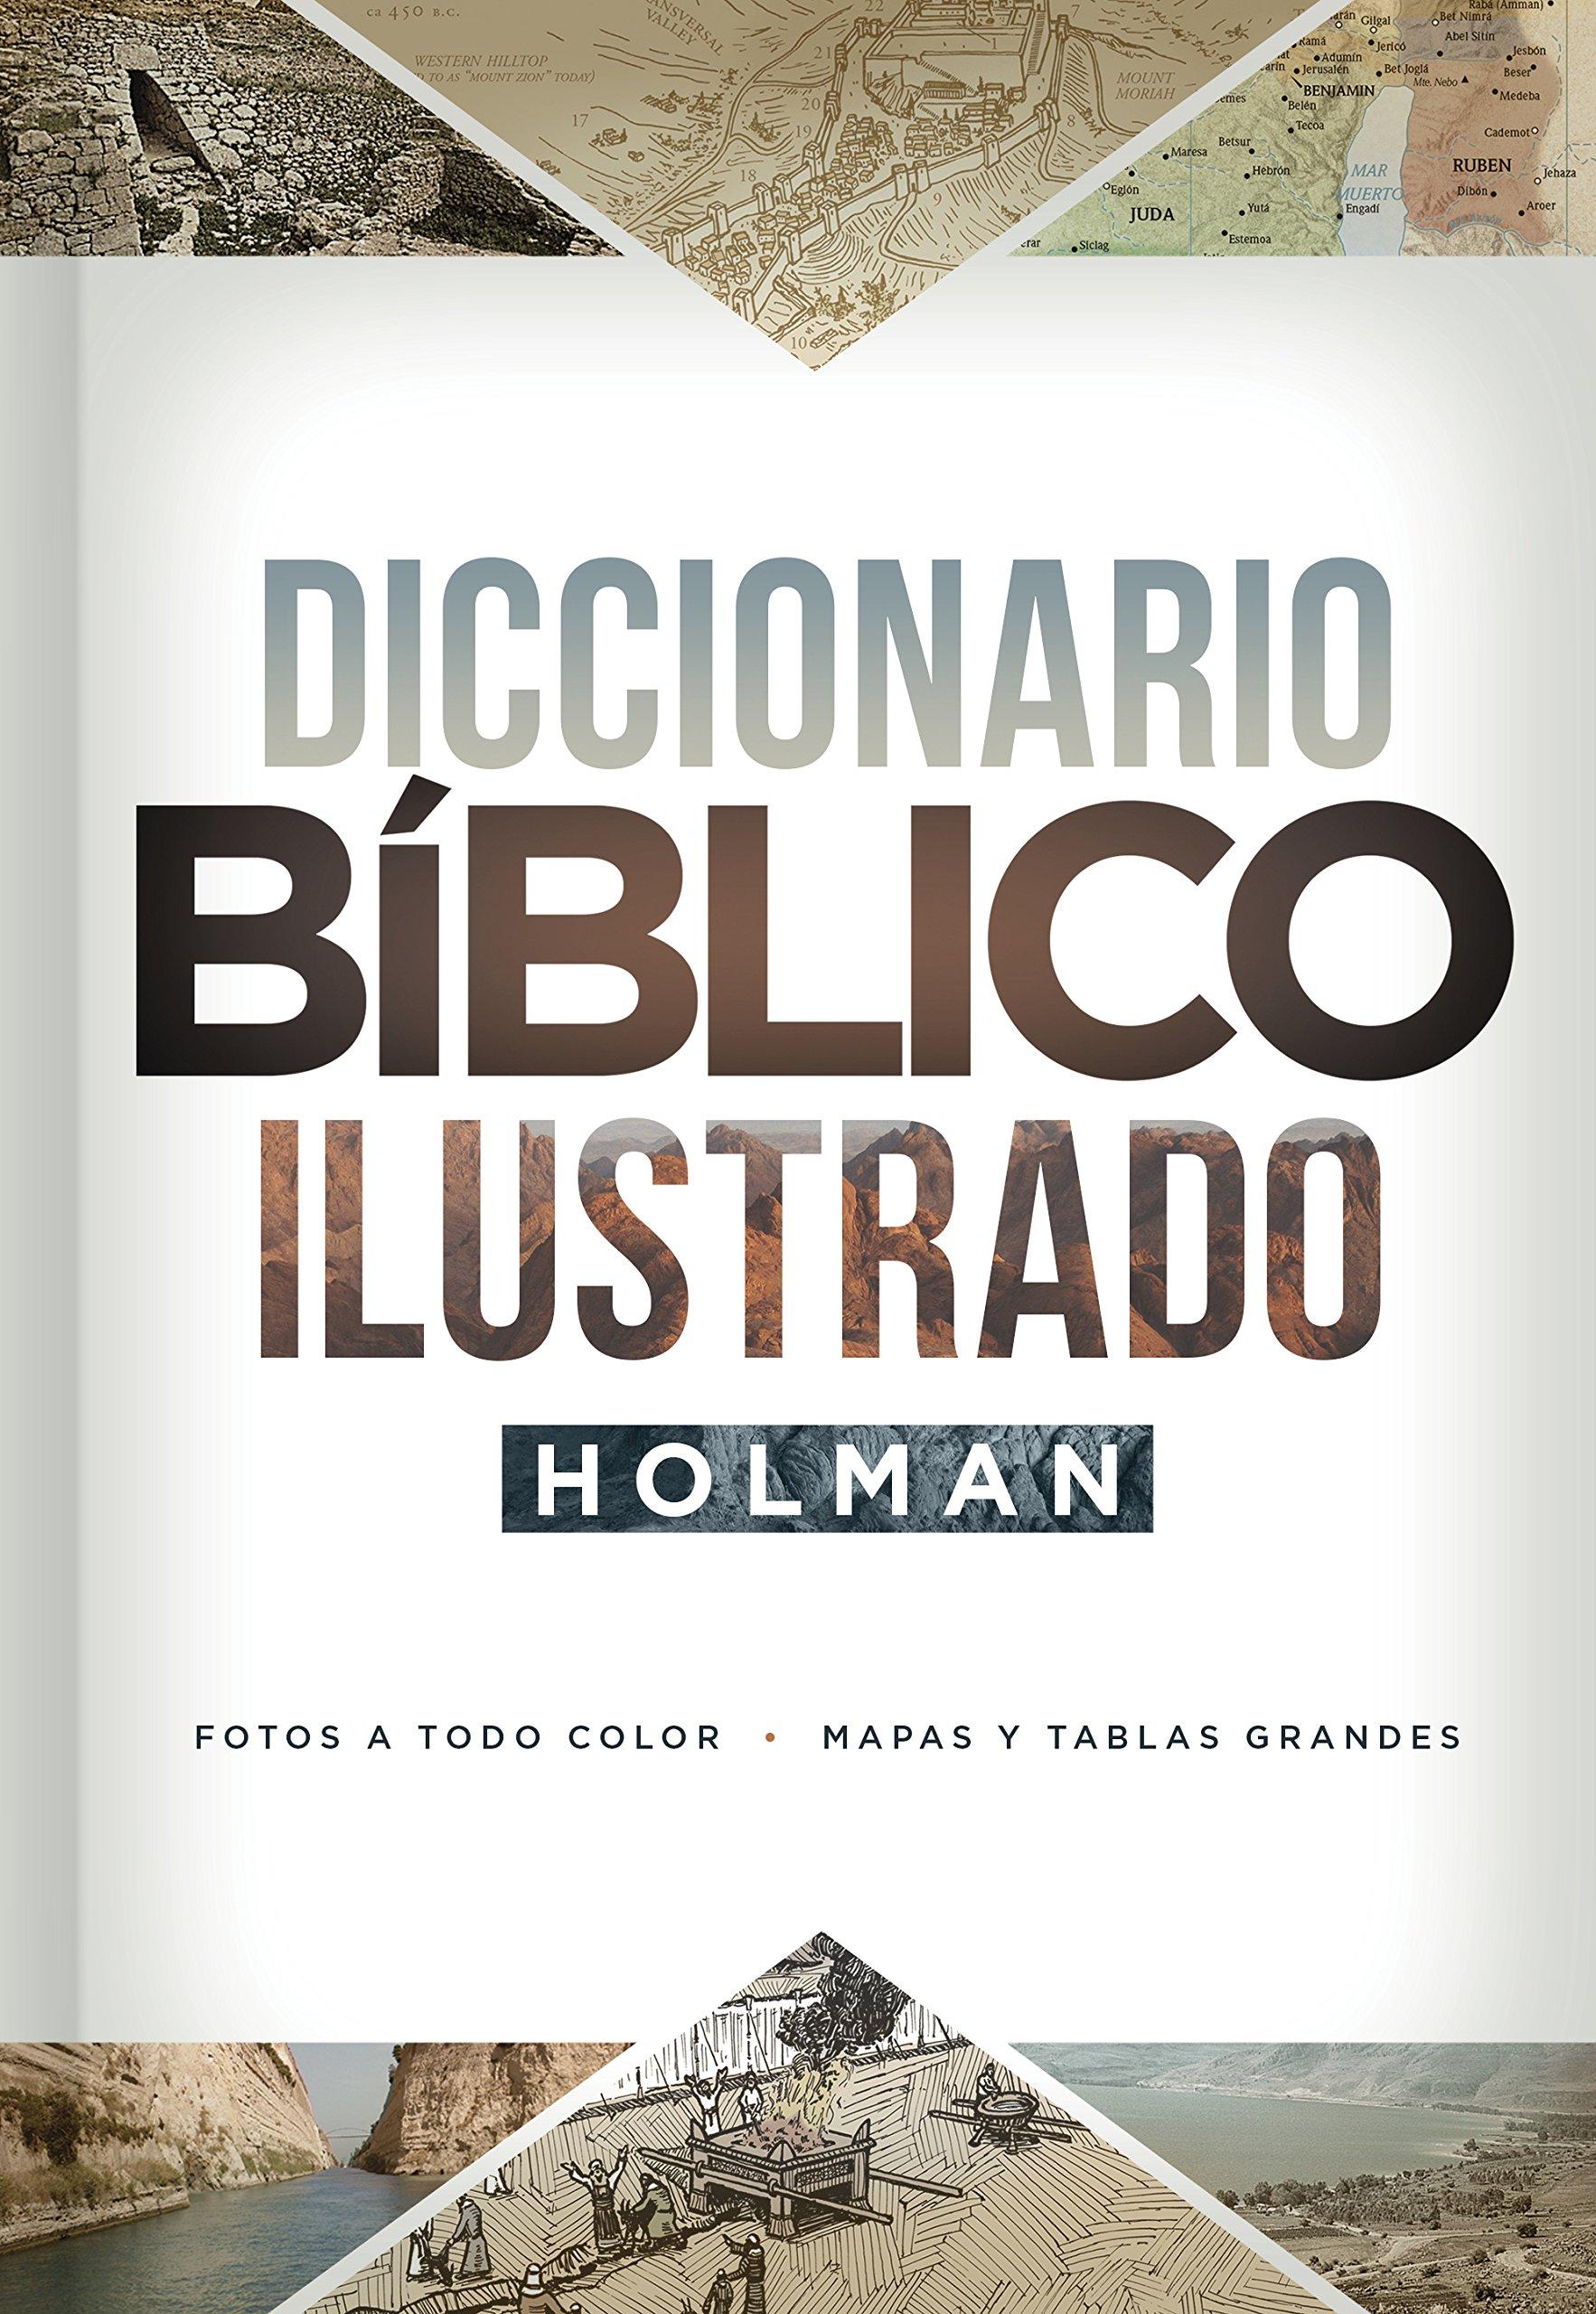 Diccionario Bíblico Ilustrado Holman: Amazon.es: B&H Espanol Editorial:  Libros